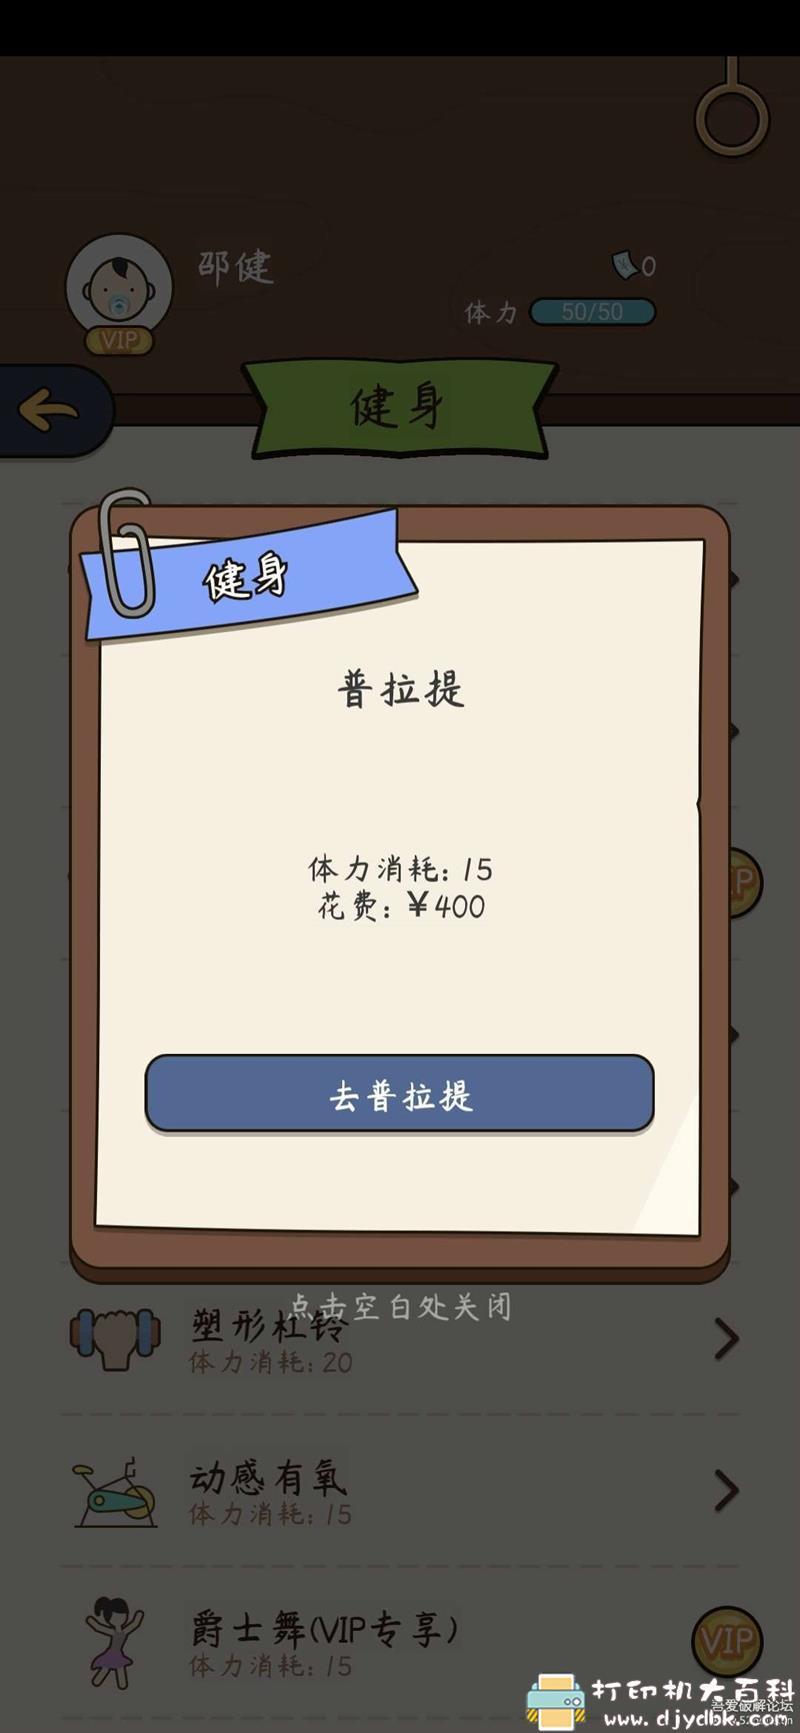 安卓游戏分享:人生模拟器:中国式人生mod版 配图 No.2